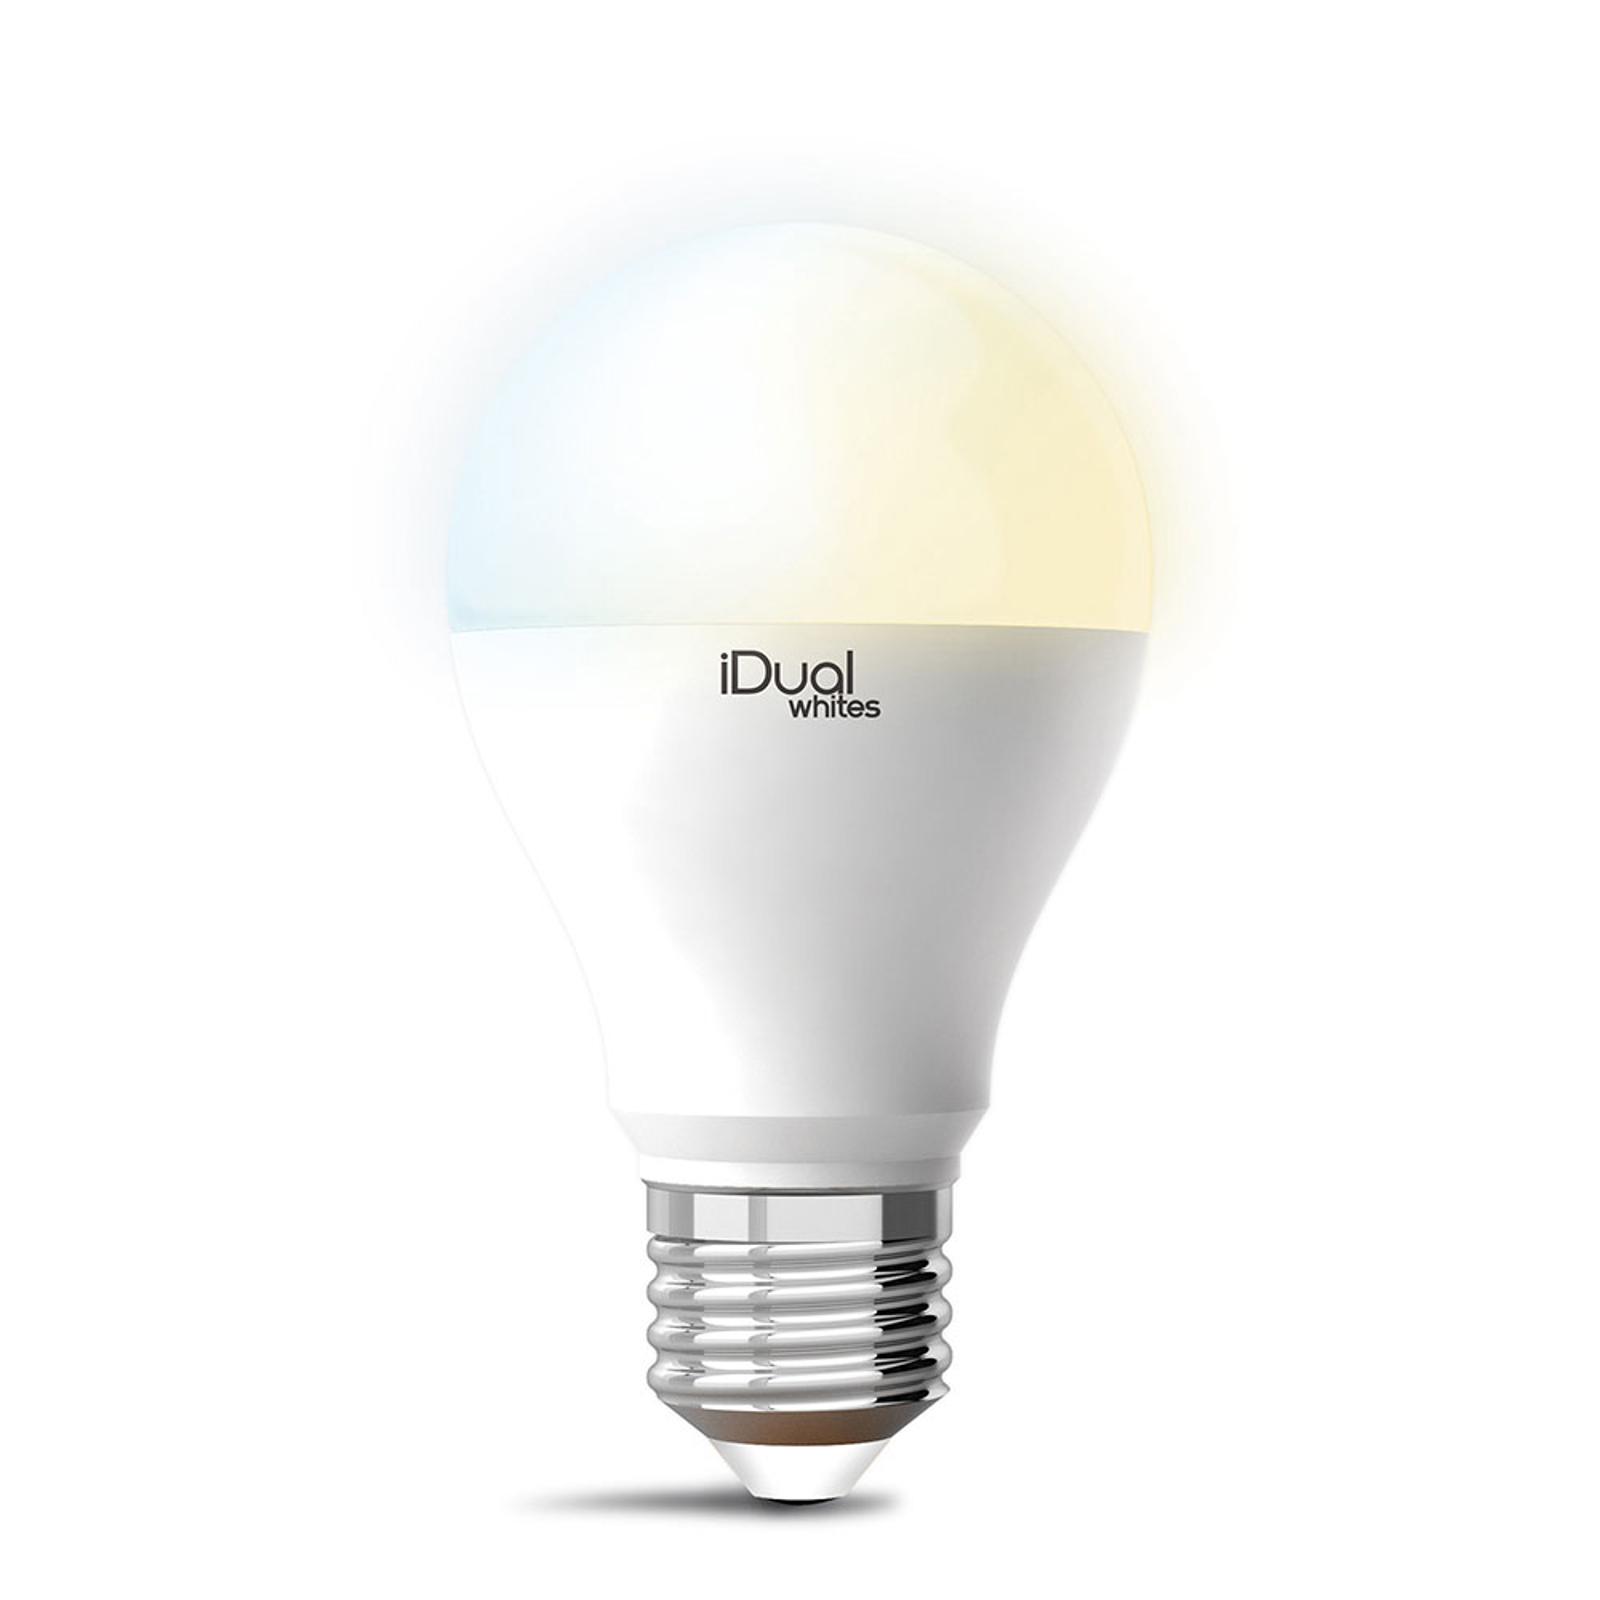 iDual Whites żarówka LED E27 A60 10W tunable white